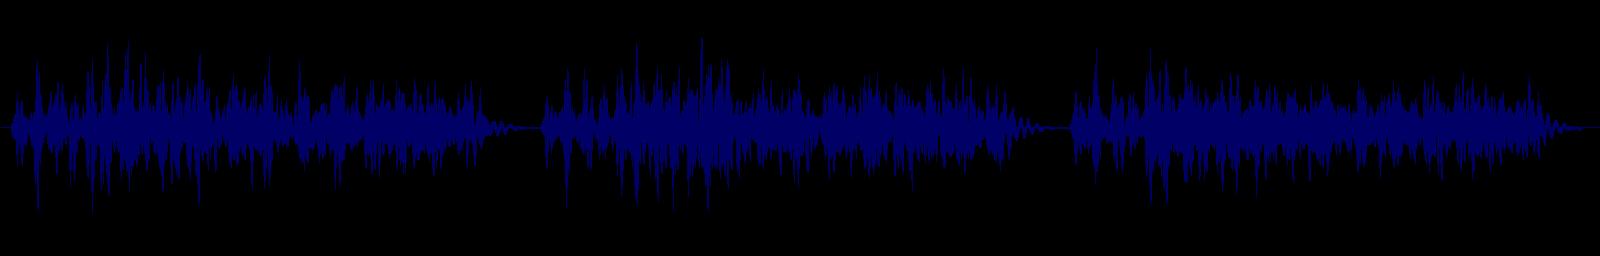 waveform of track #140969